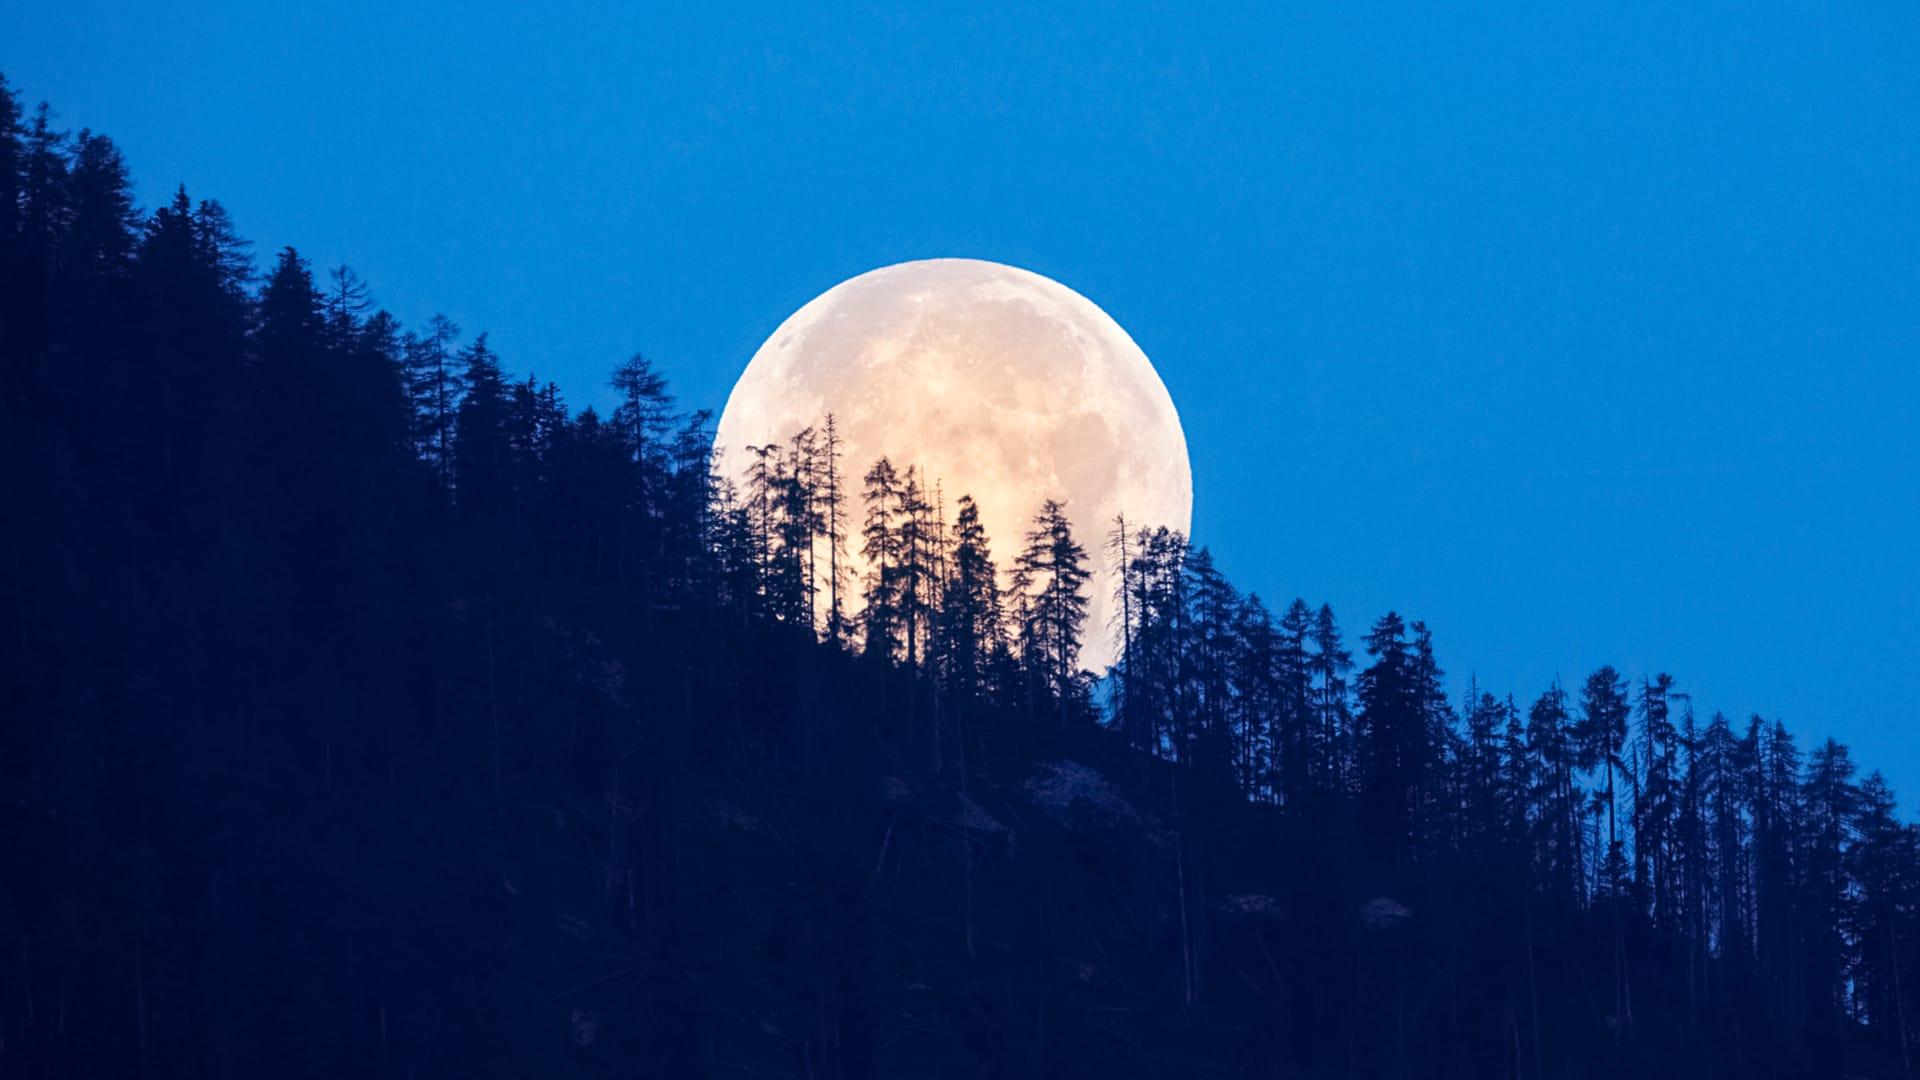 Full Sturgeon Moon in August 2021